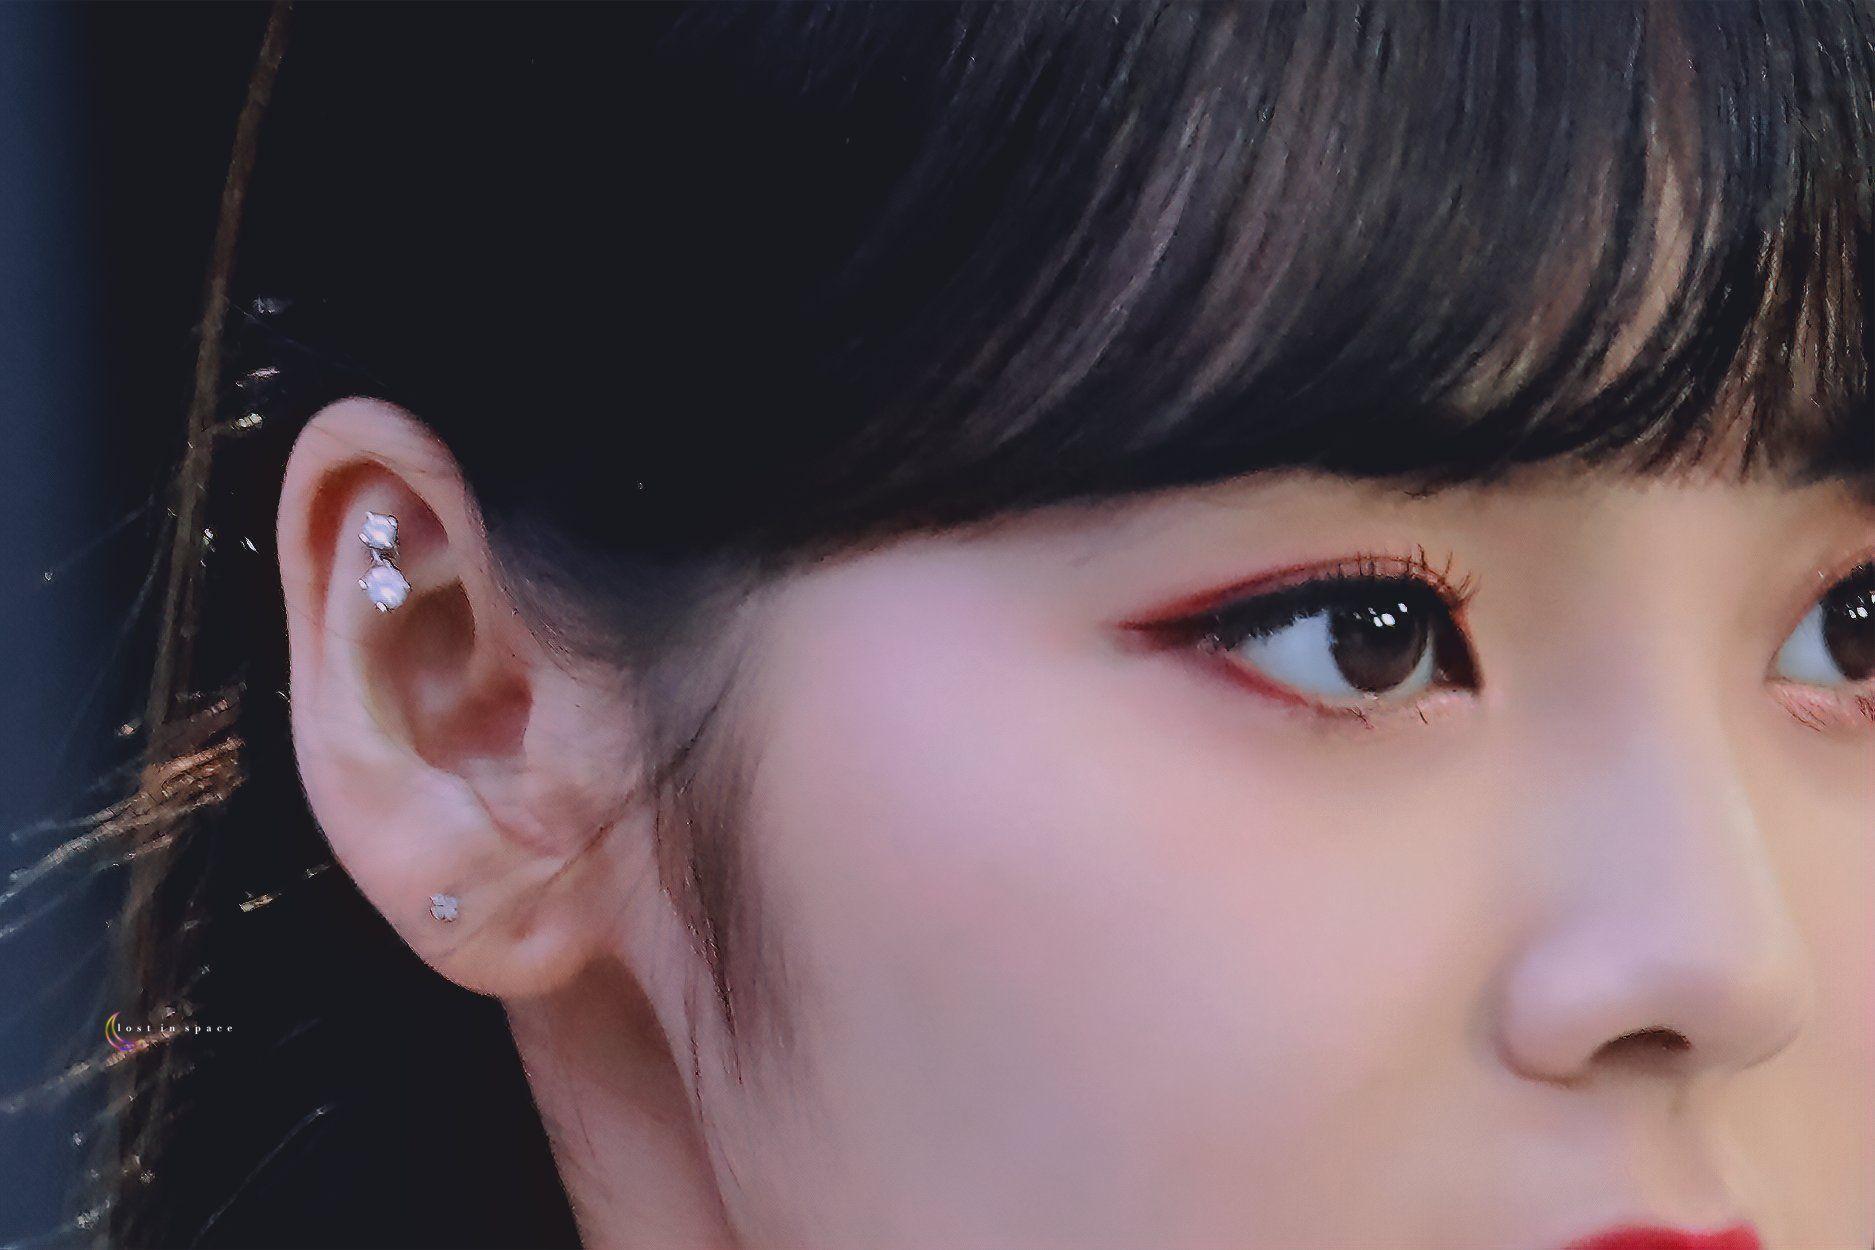 Pin on loona 이달의 소녀